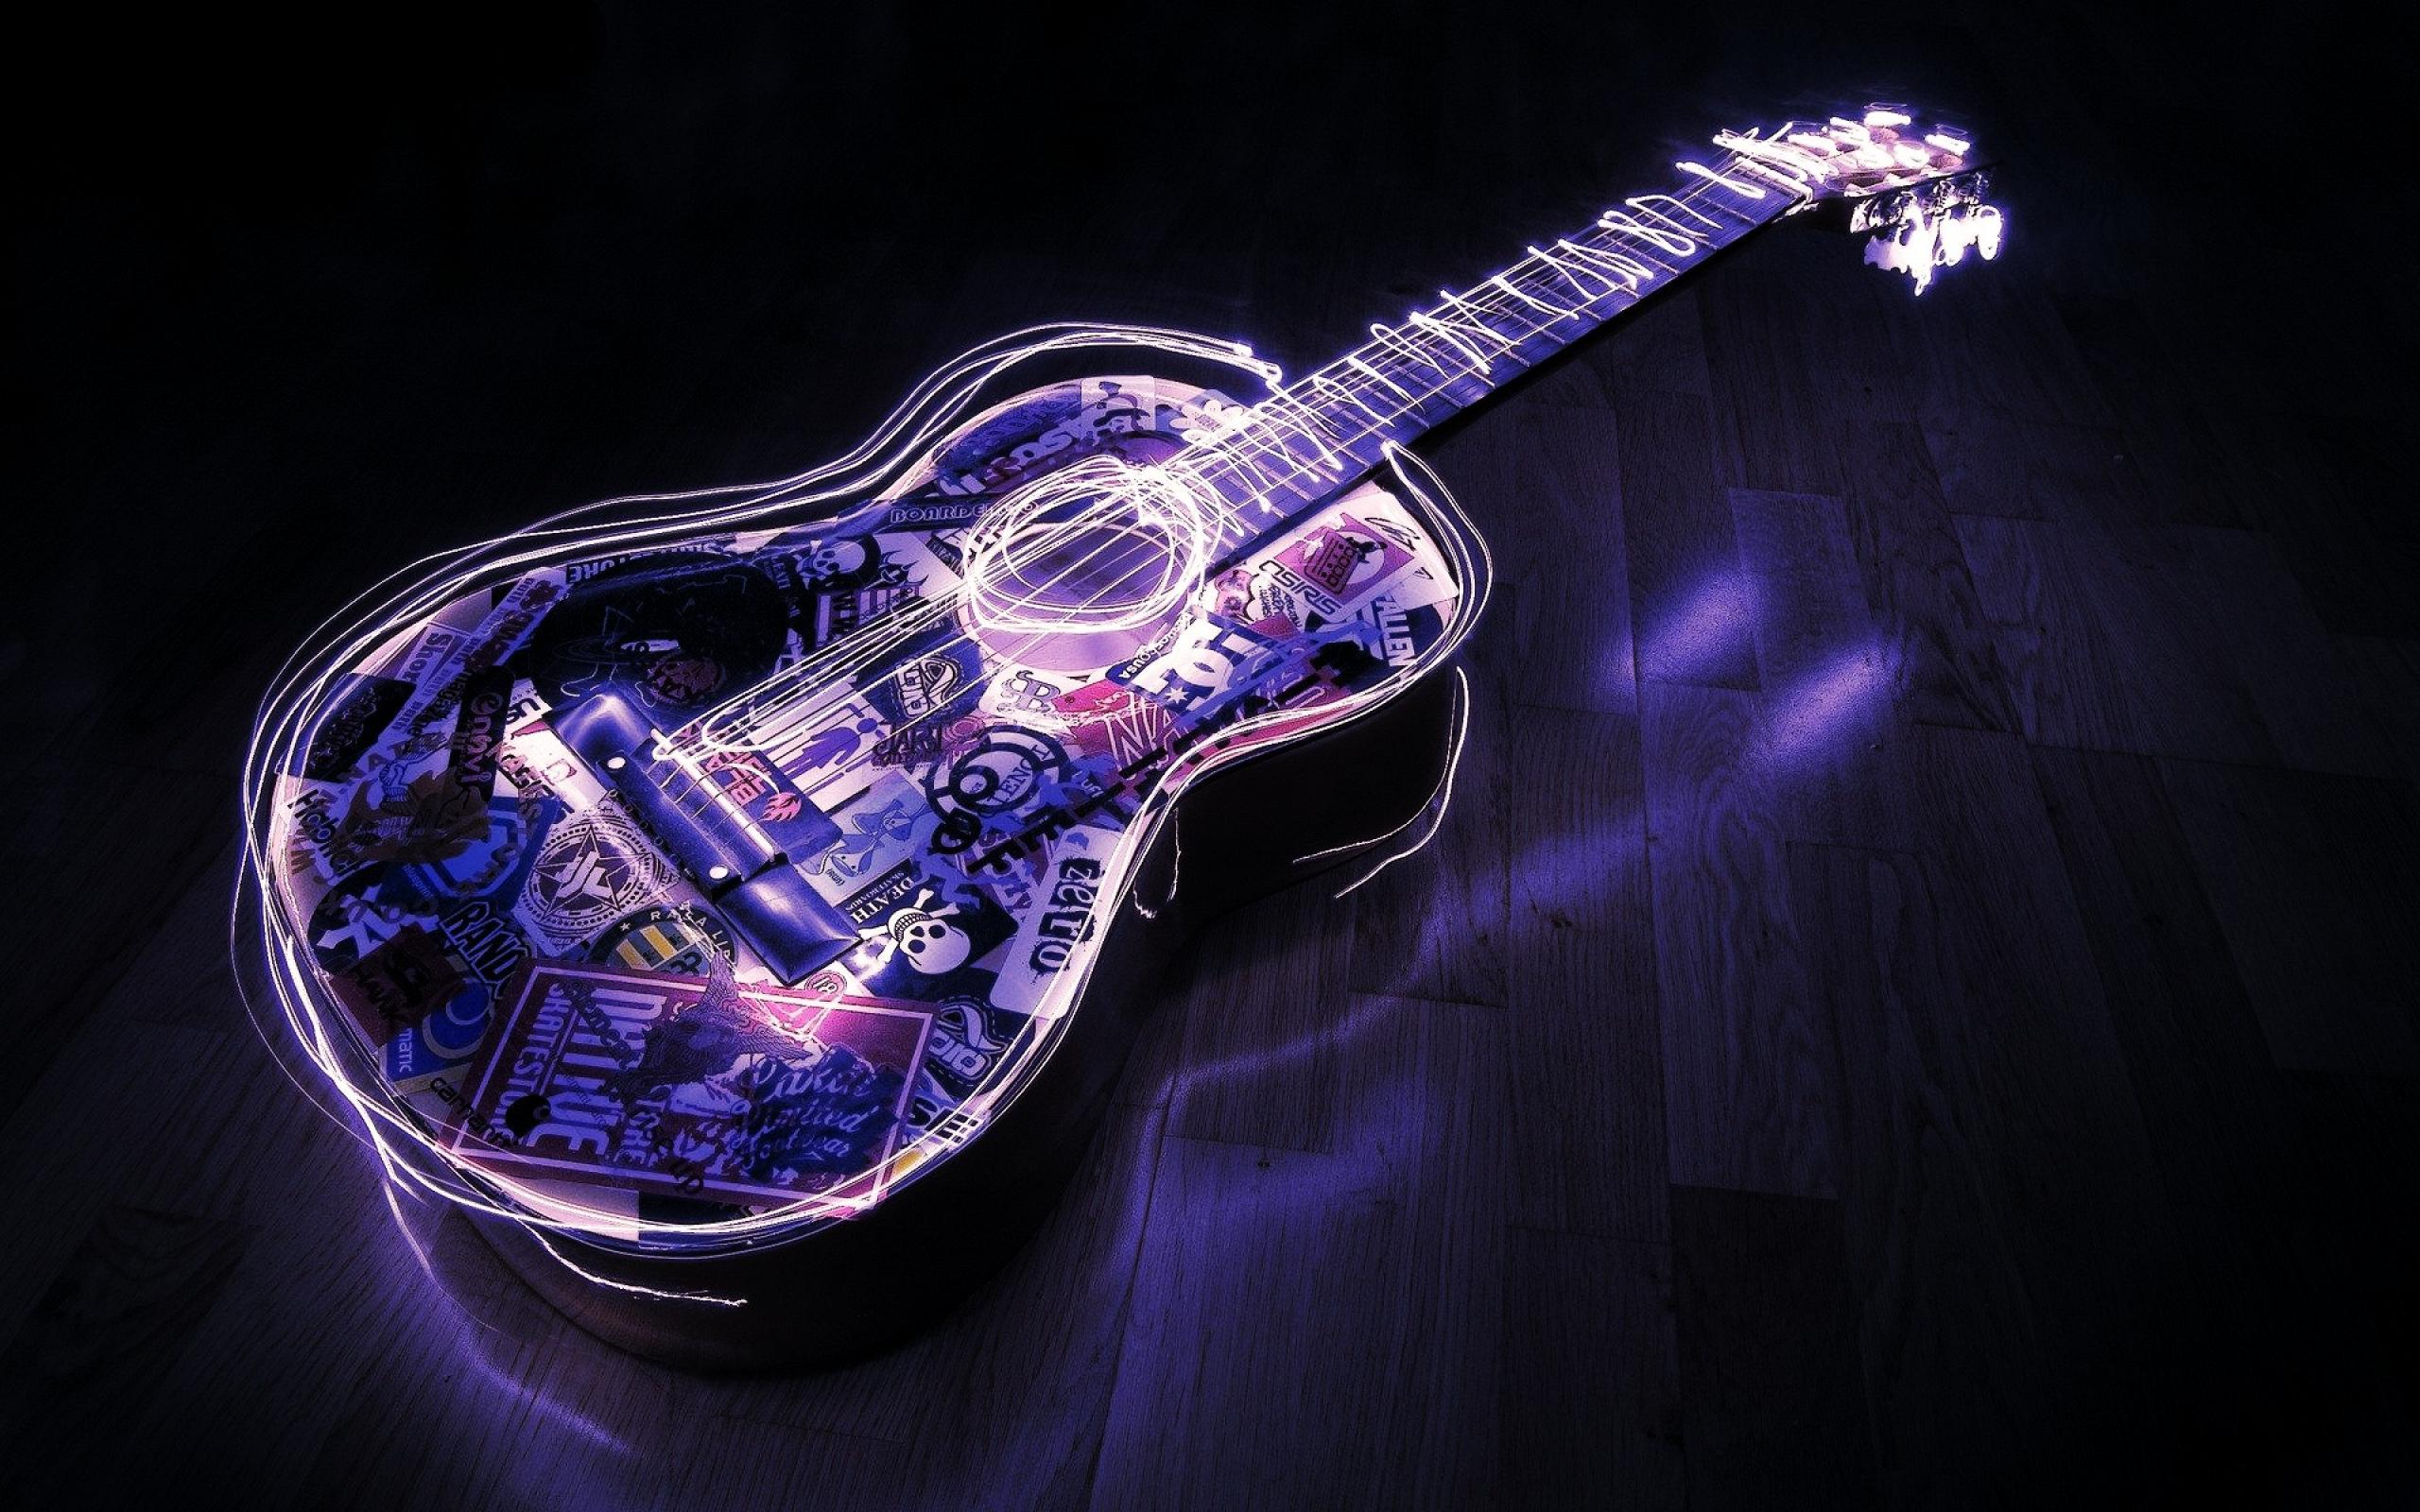 Akusticheskaya Gitara Oboi Dlya Rabochego Stola Kartinki I Foto